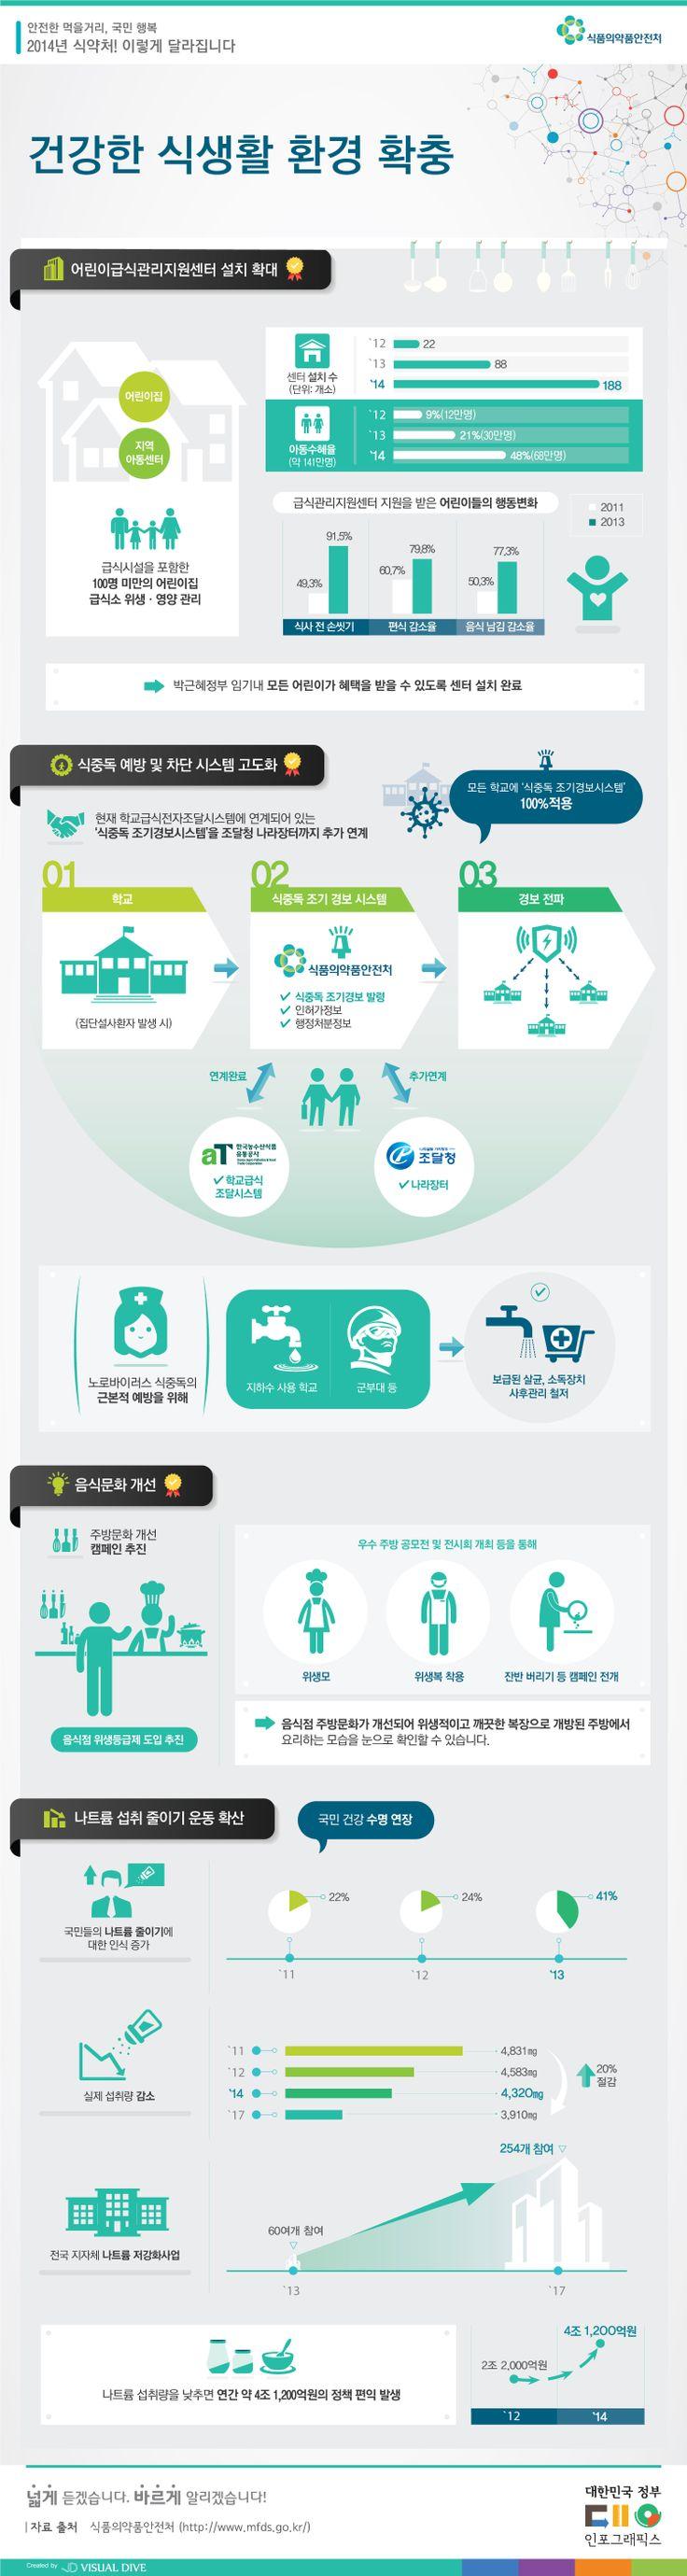 [인포그래픽] 식중독 조기경보시스템 등 건강한 식생활 환경 마련 #food / #Infographic ⓒ 비주얼다이브 무단 복사·전재·재배포 금지